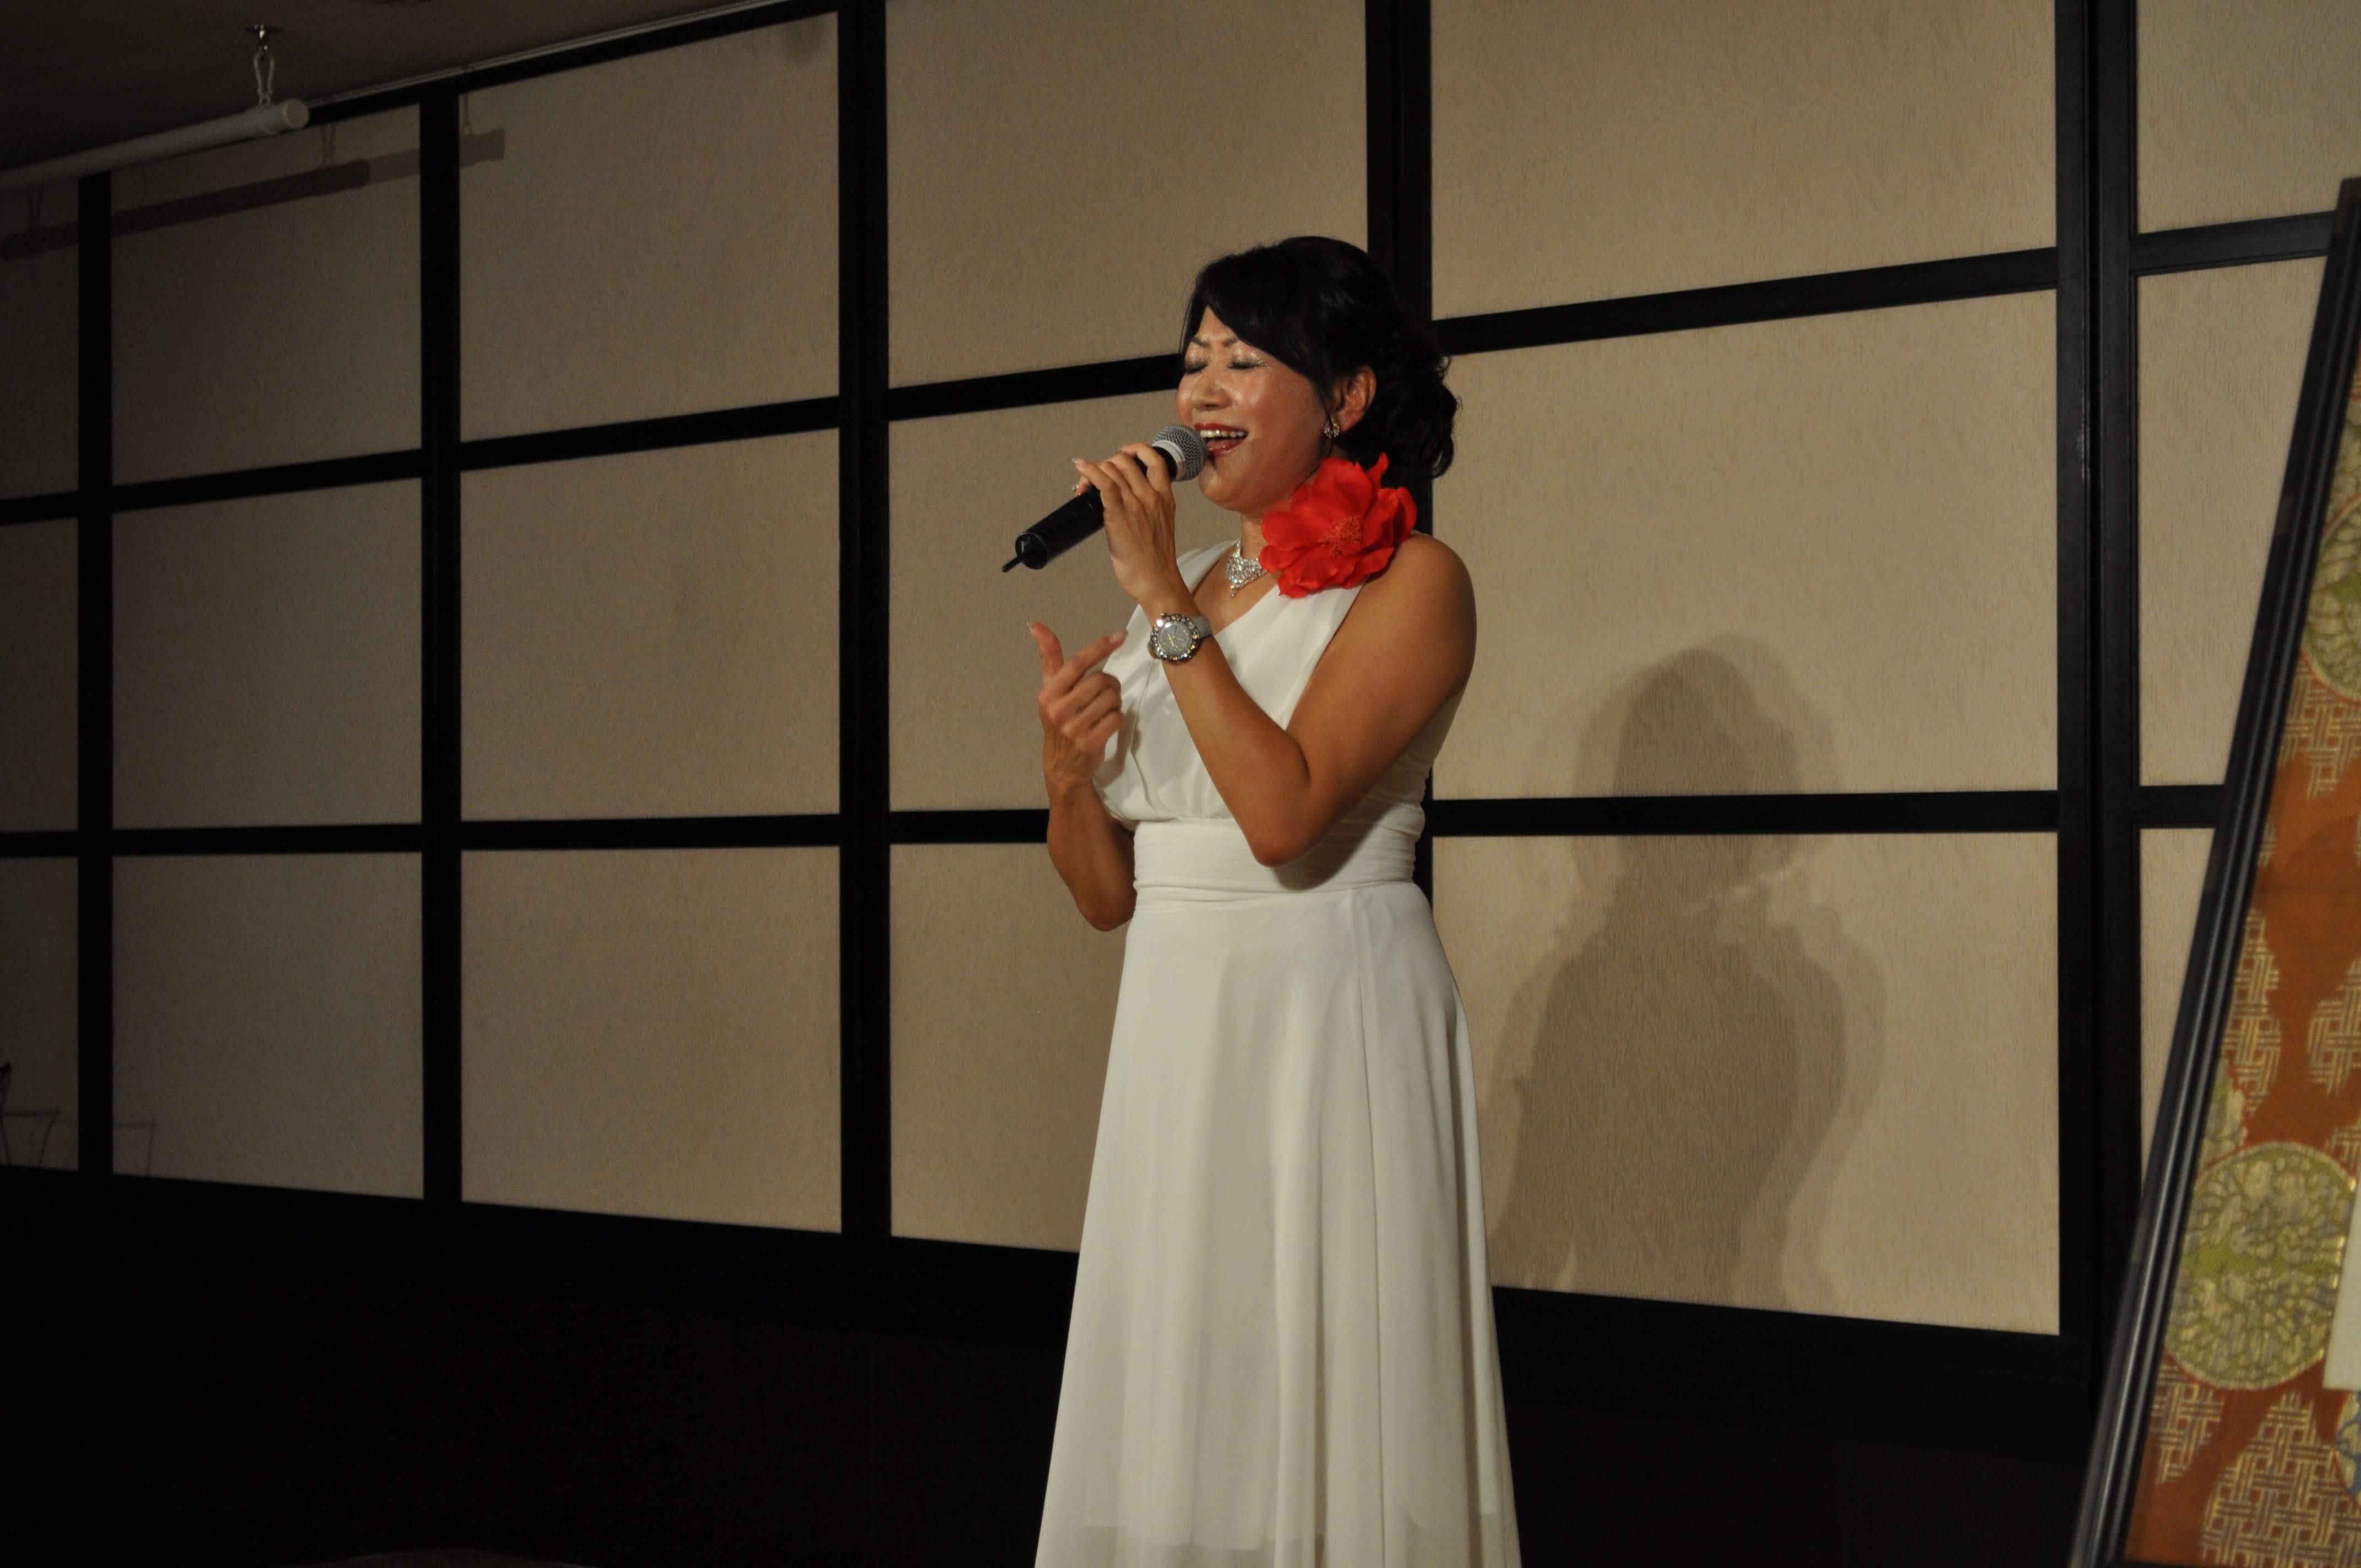 DSC 0476 1 - 思風会全国大会in広島